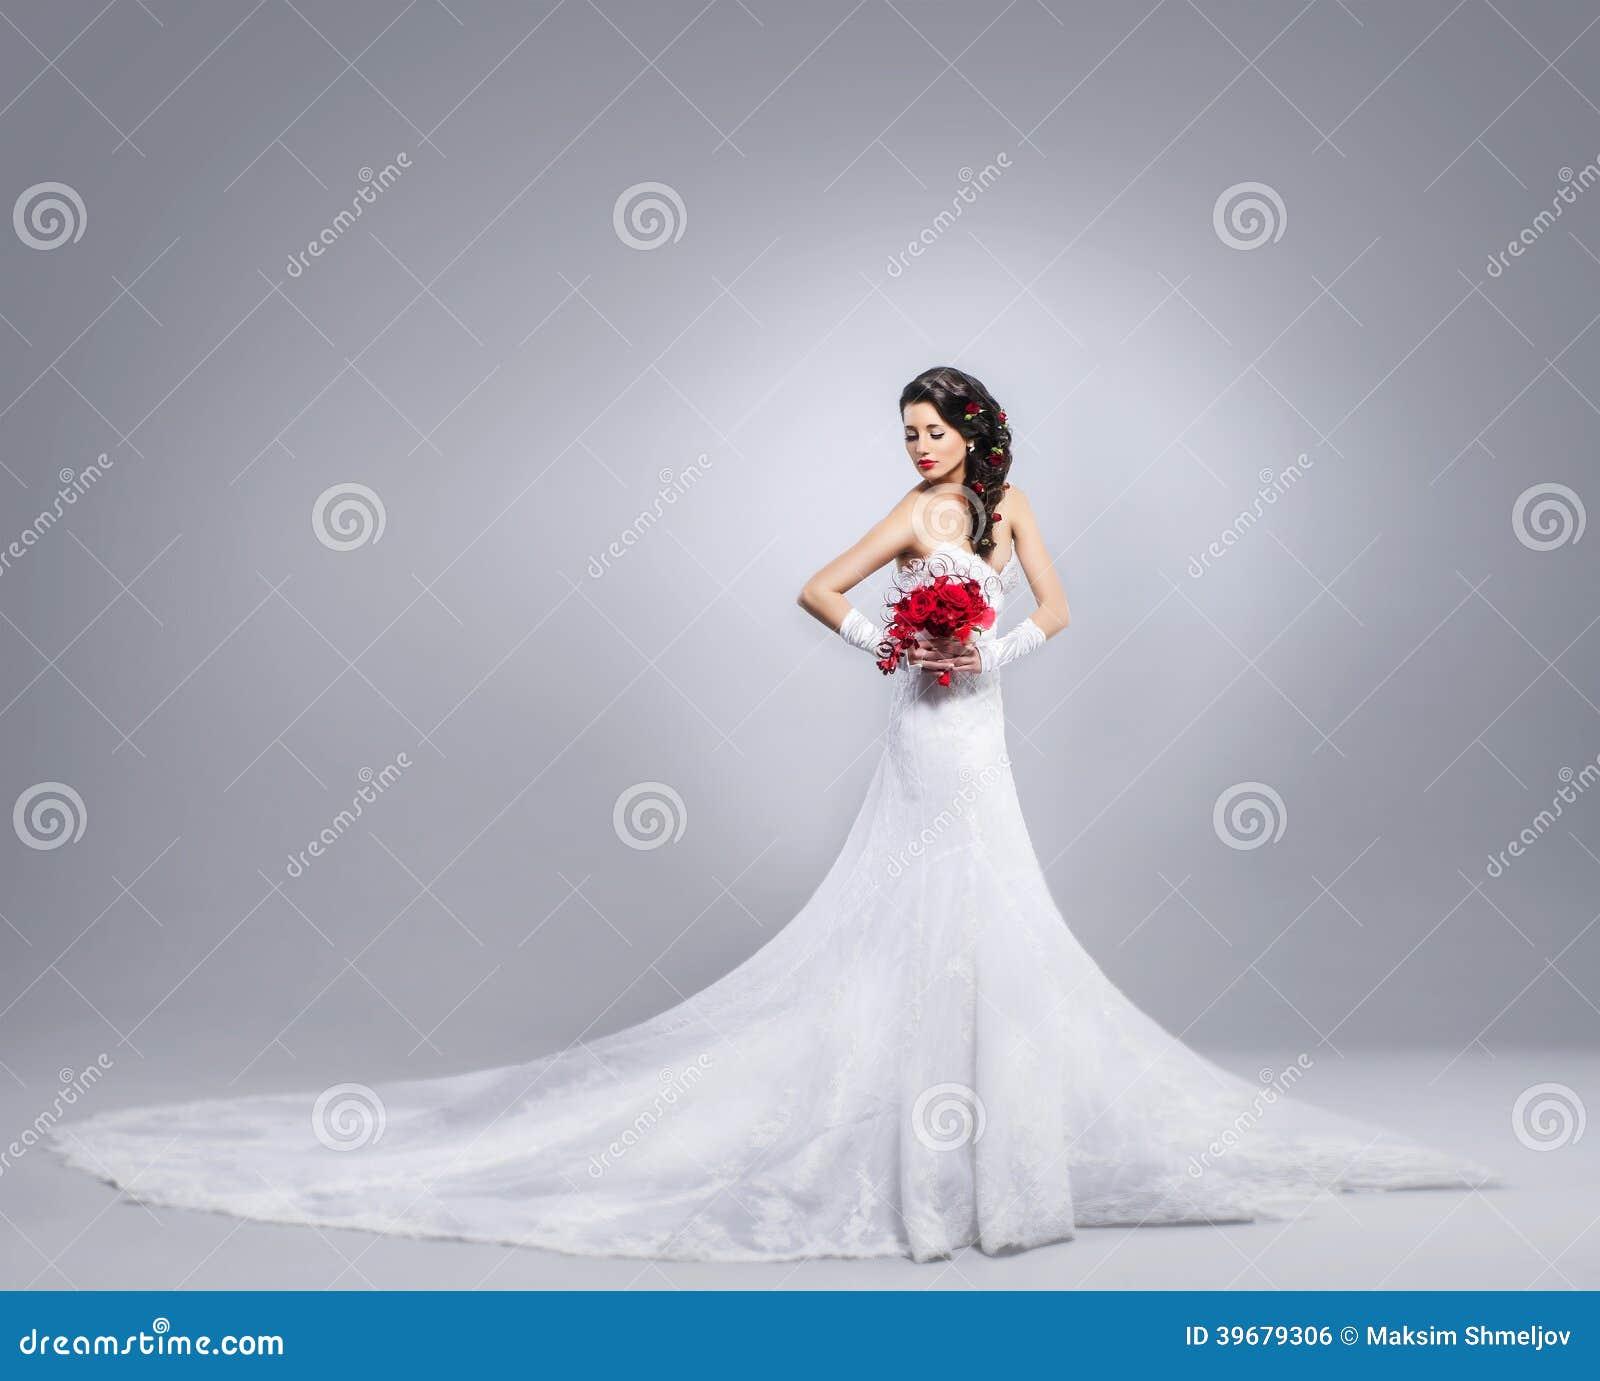 Mooie bruid die zich met een bloemboeket bevinden